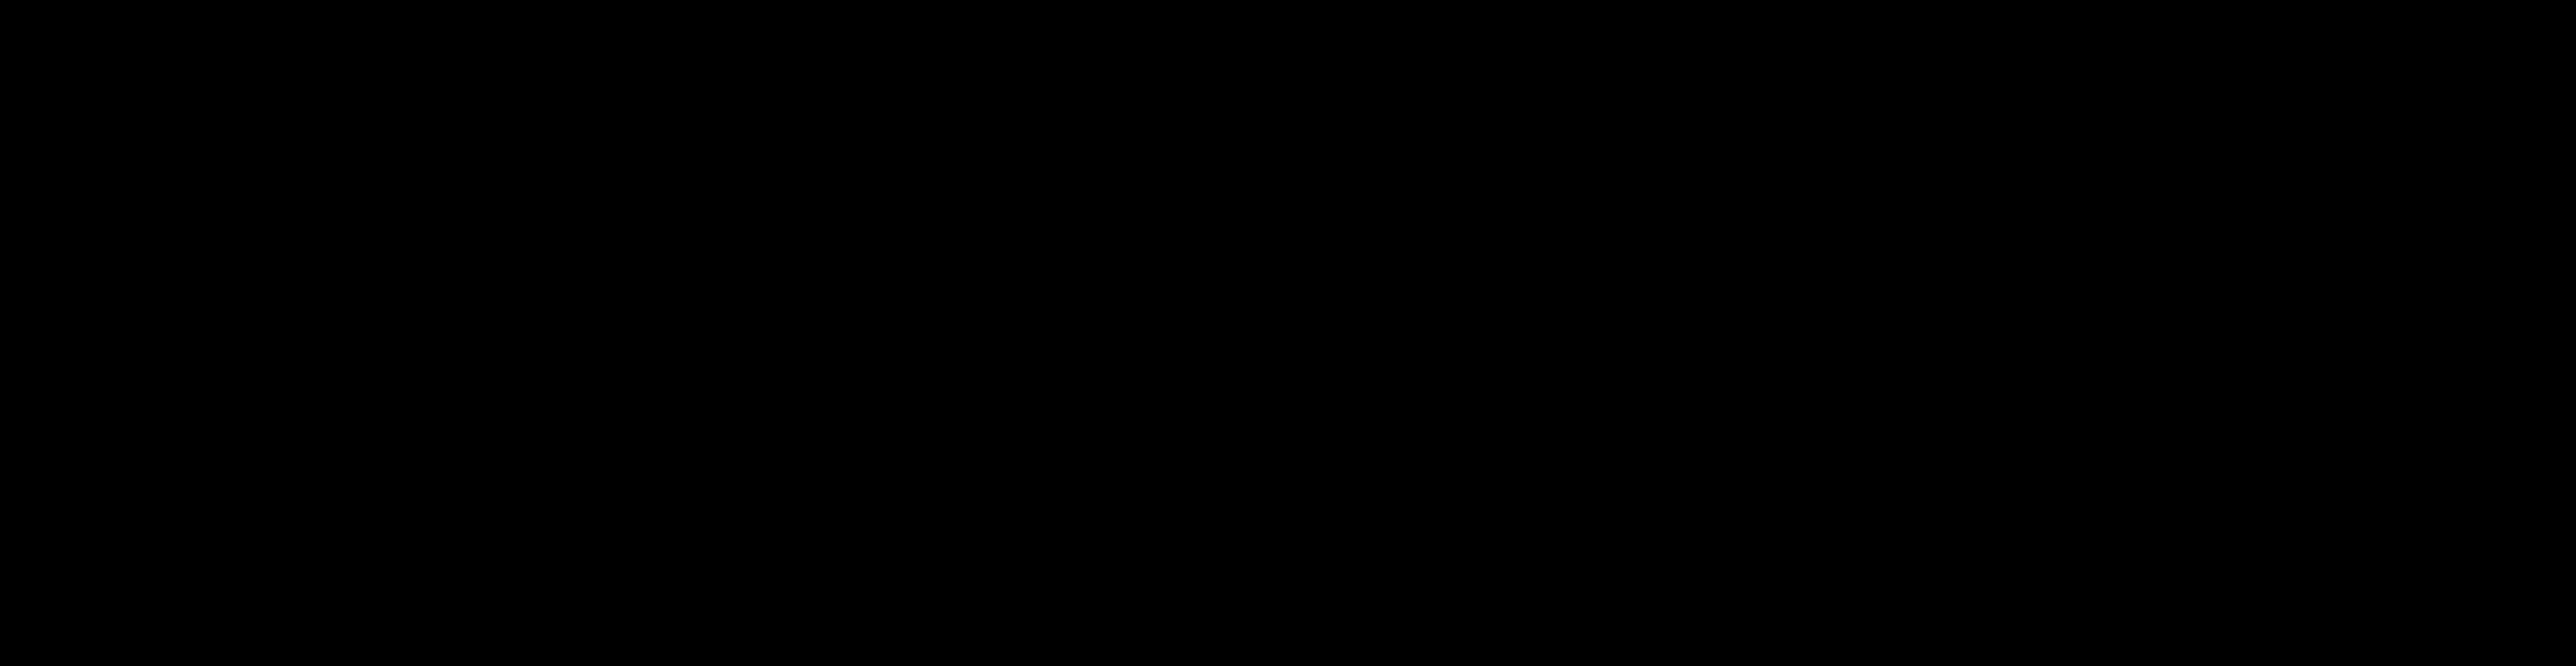 (E)-N-(3-((3-((3-Aminopropyl)amino)propyl)amino)propyl)-3-(2,4,6-tribromo-3-methoxyphenyl)acrylamidetrifluoroacetate (1:3)